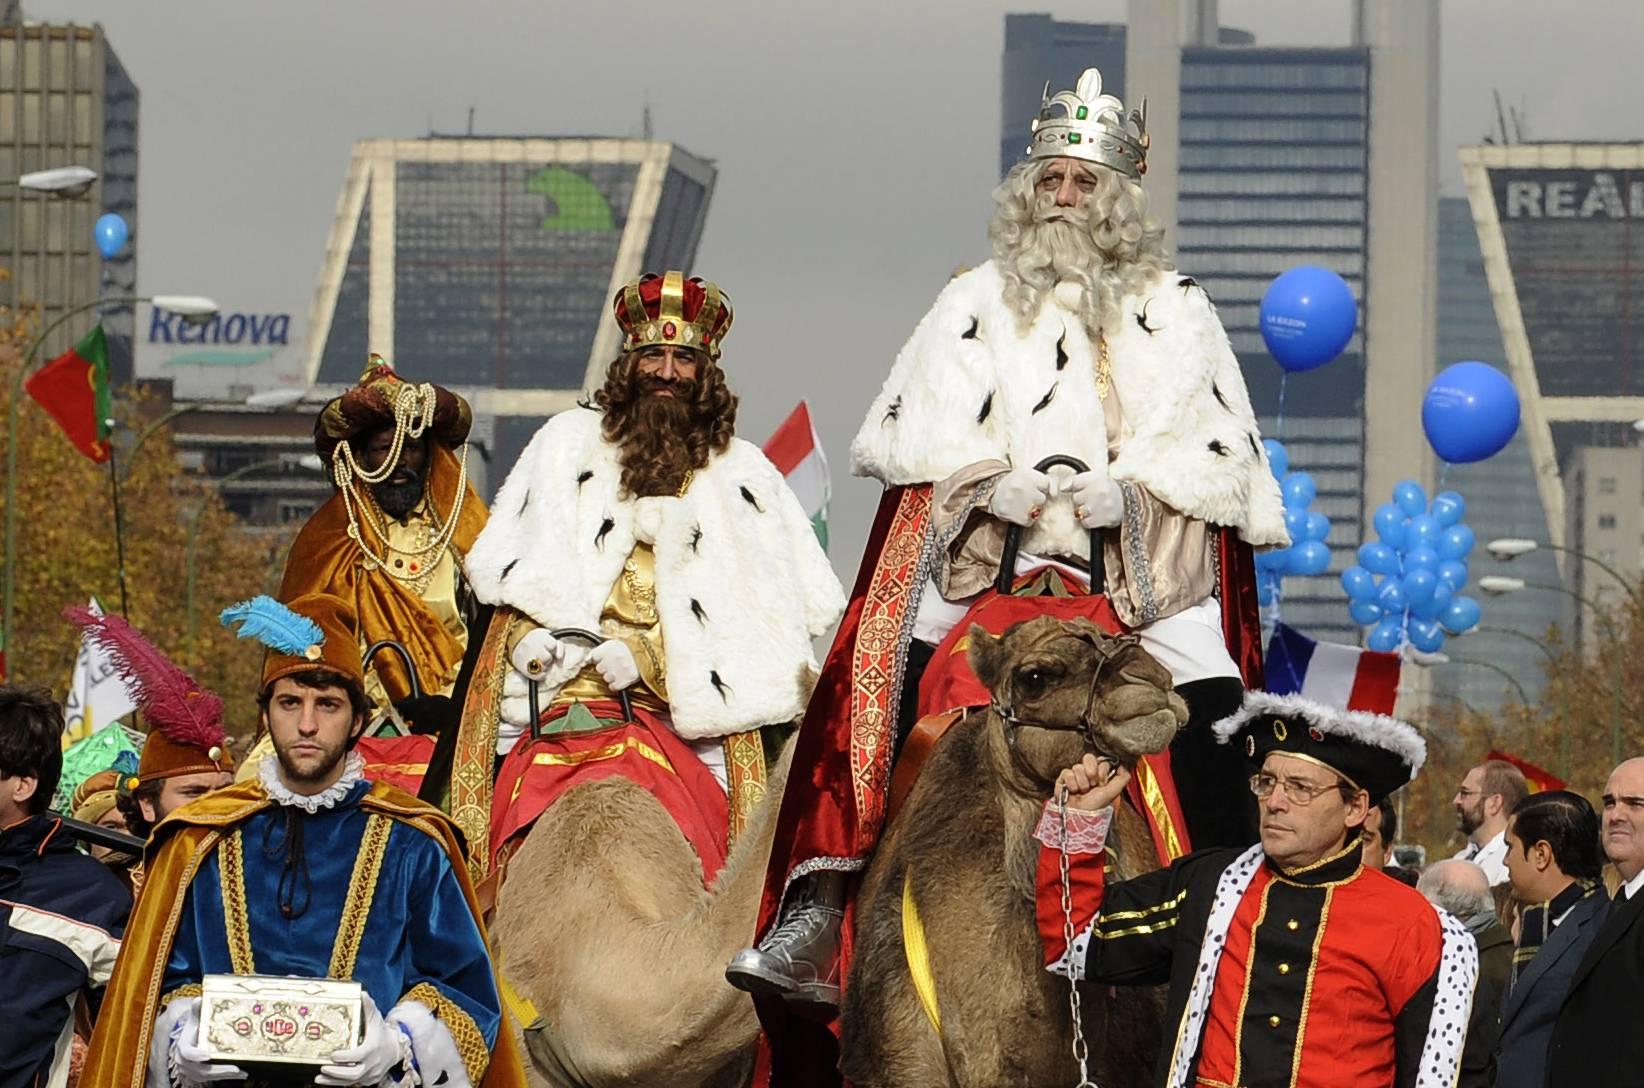 Богоявление 6 января в испании или праздник трех королей: как отмечают?